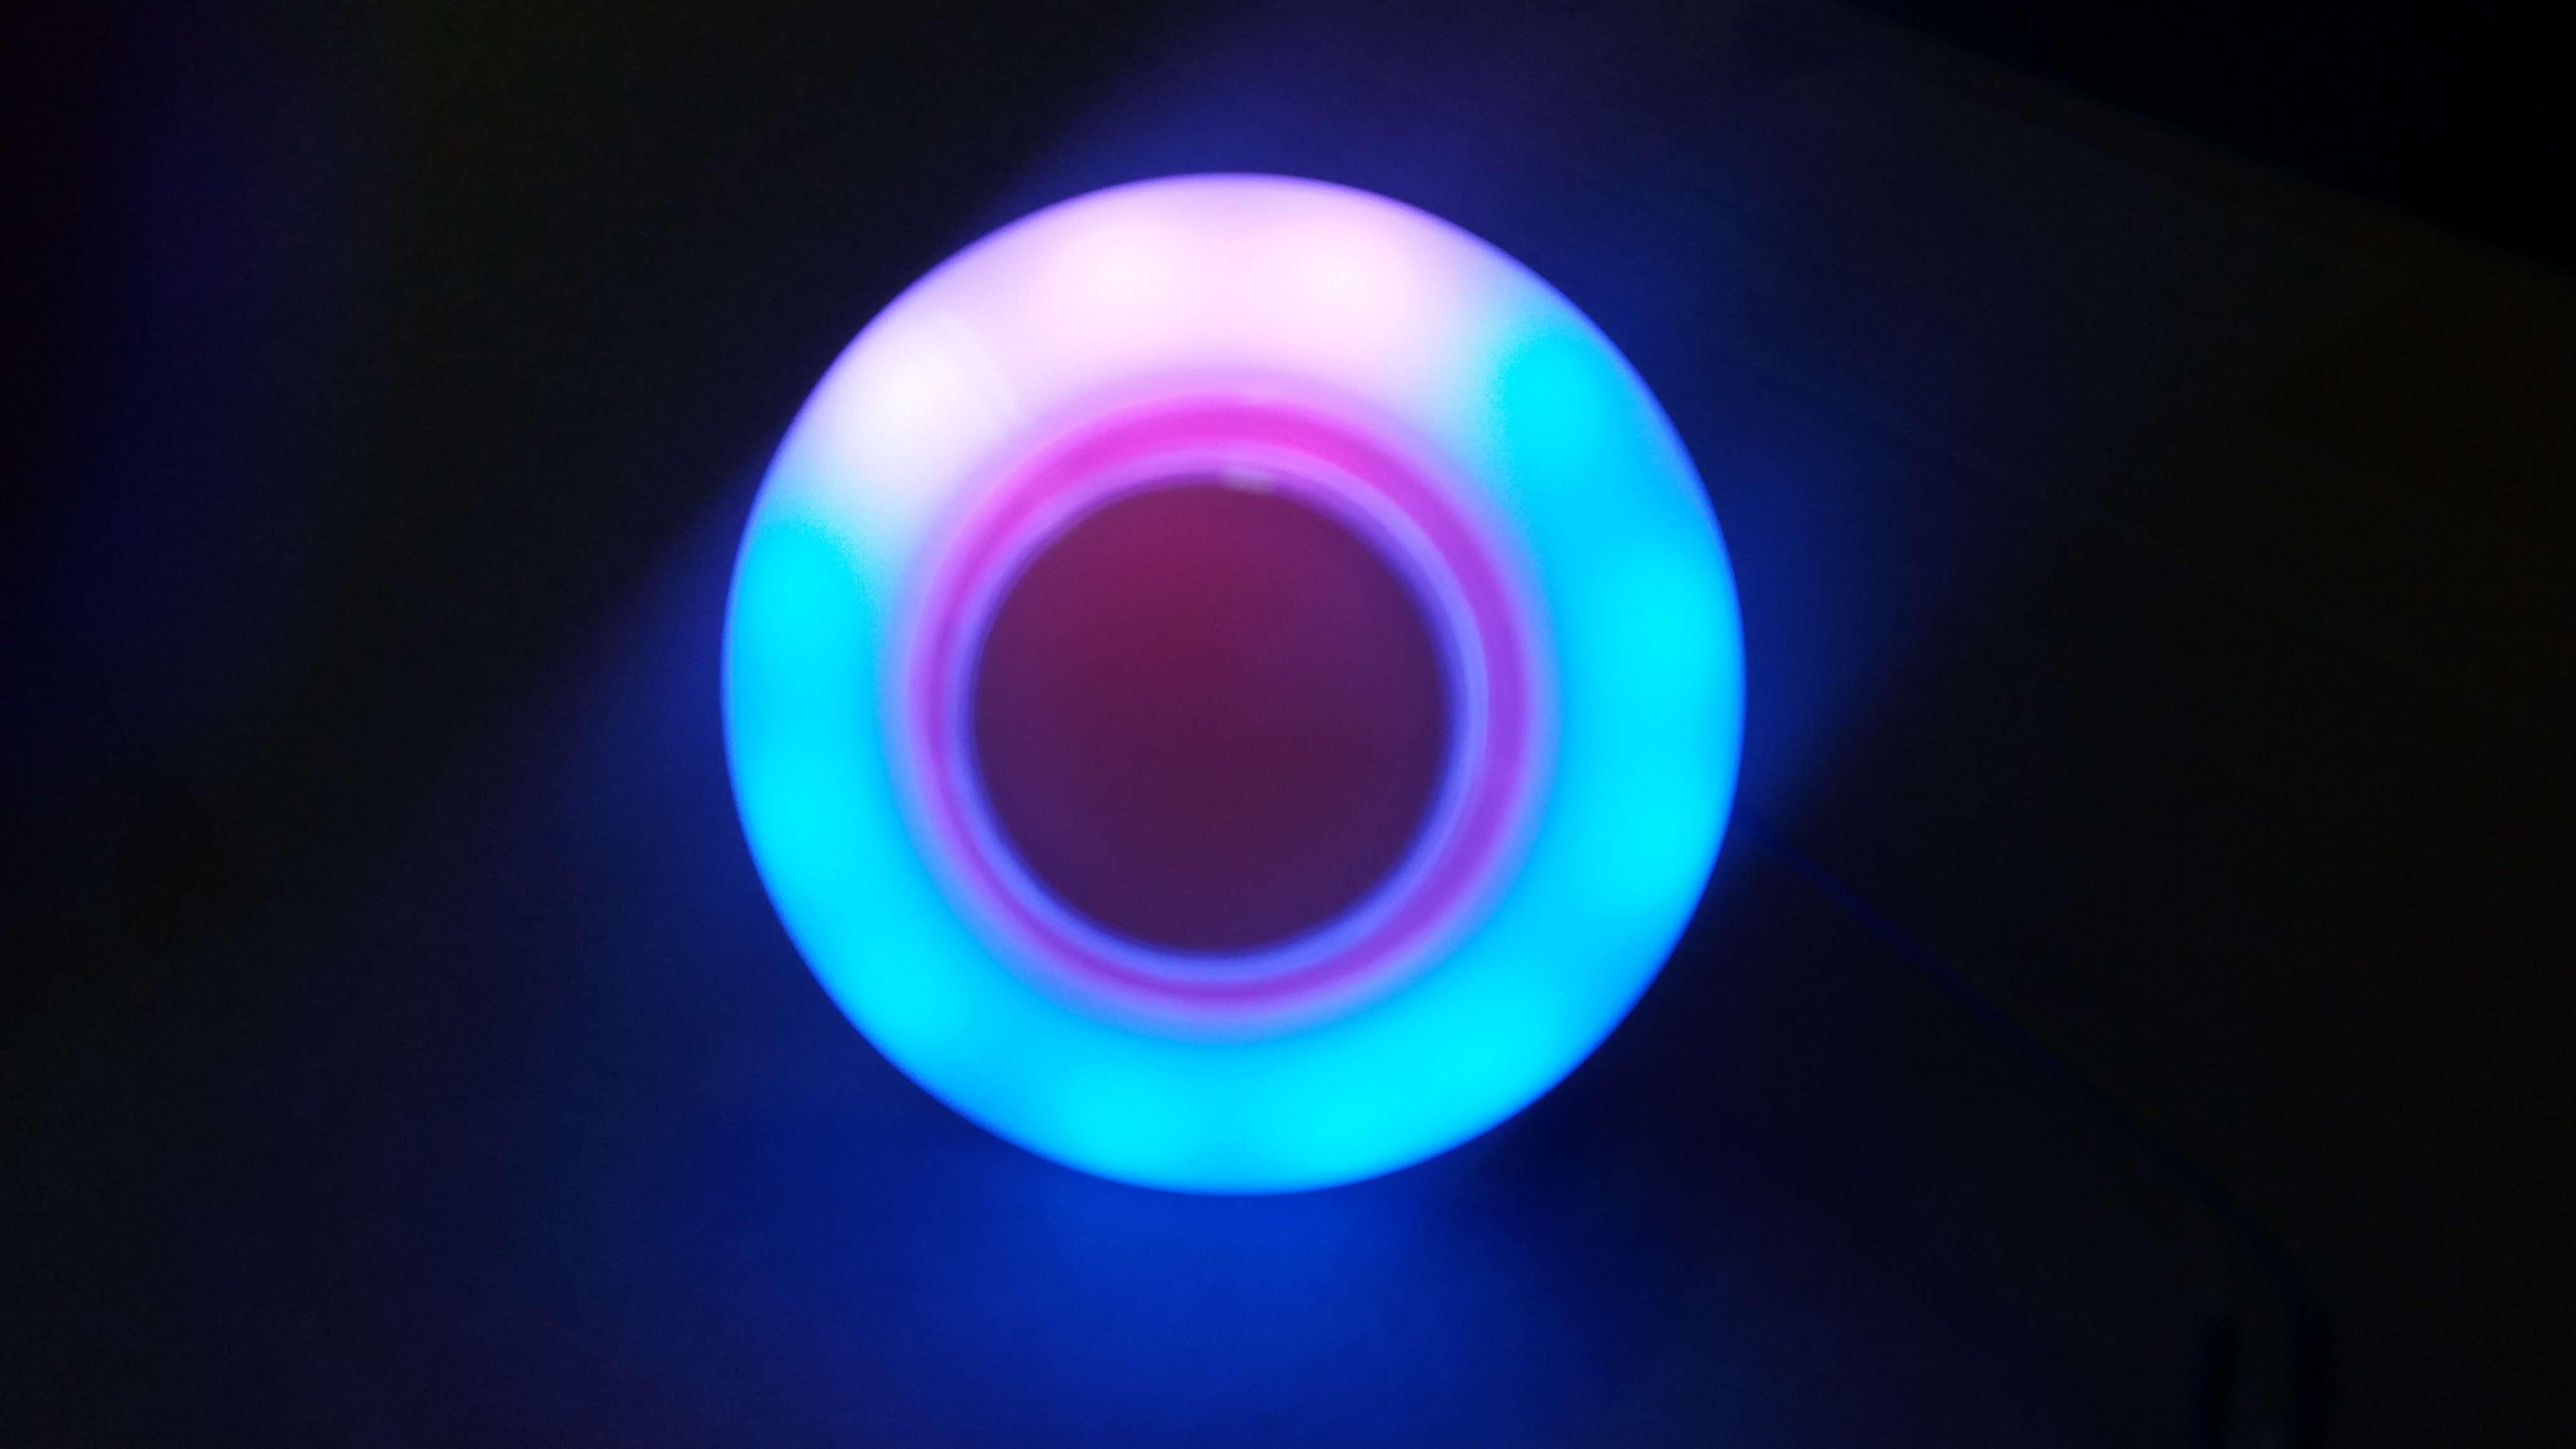 UFO幽浮70mm七彩灯罩配中圆带灯按钮